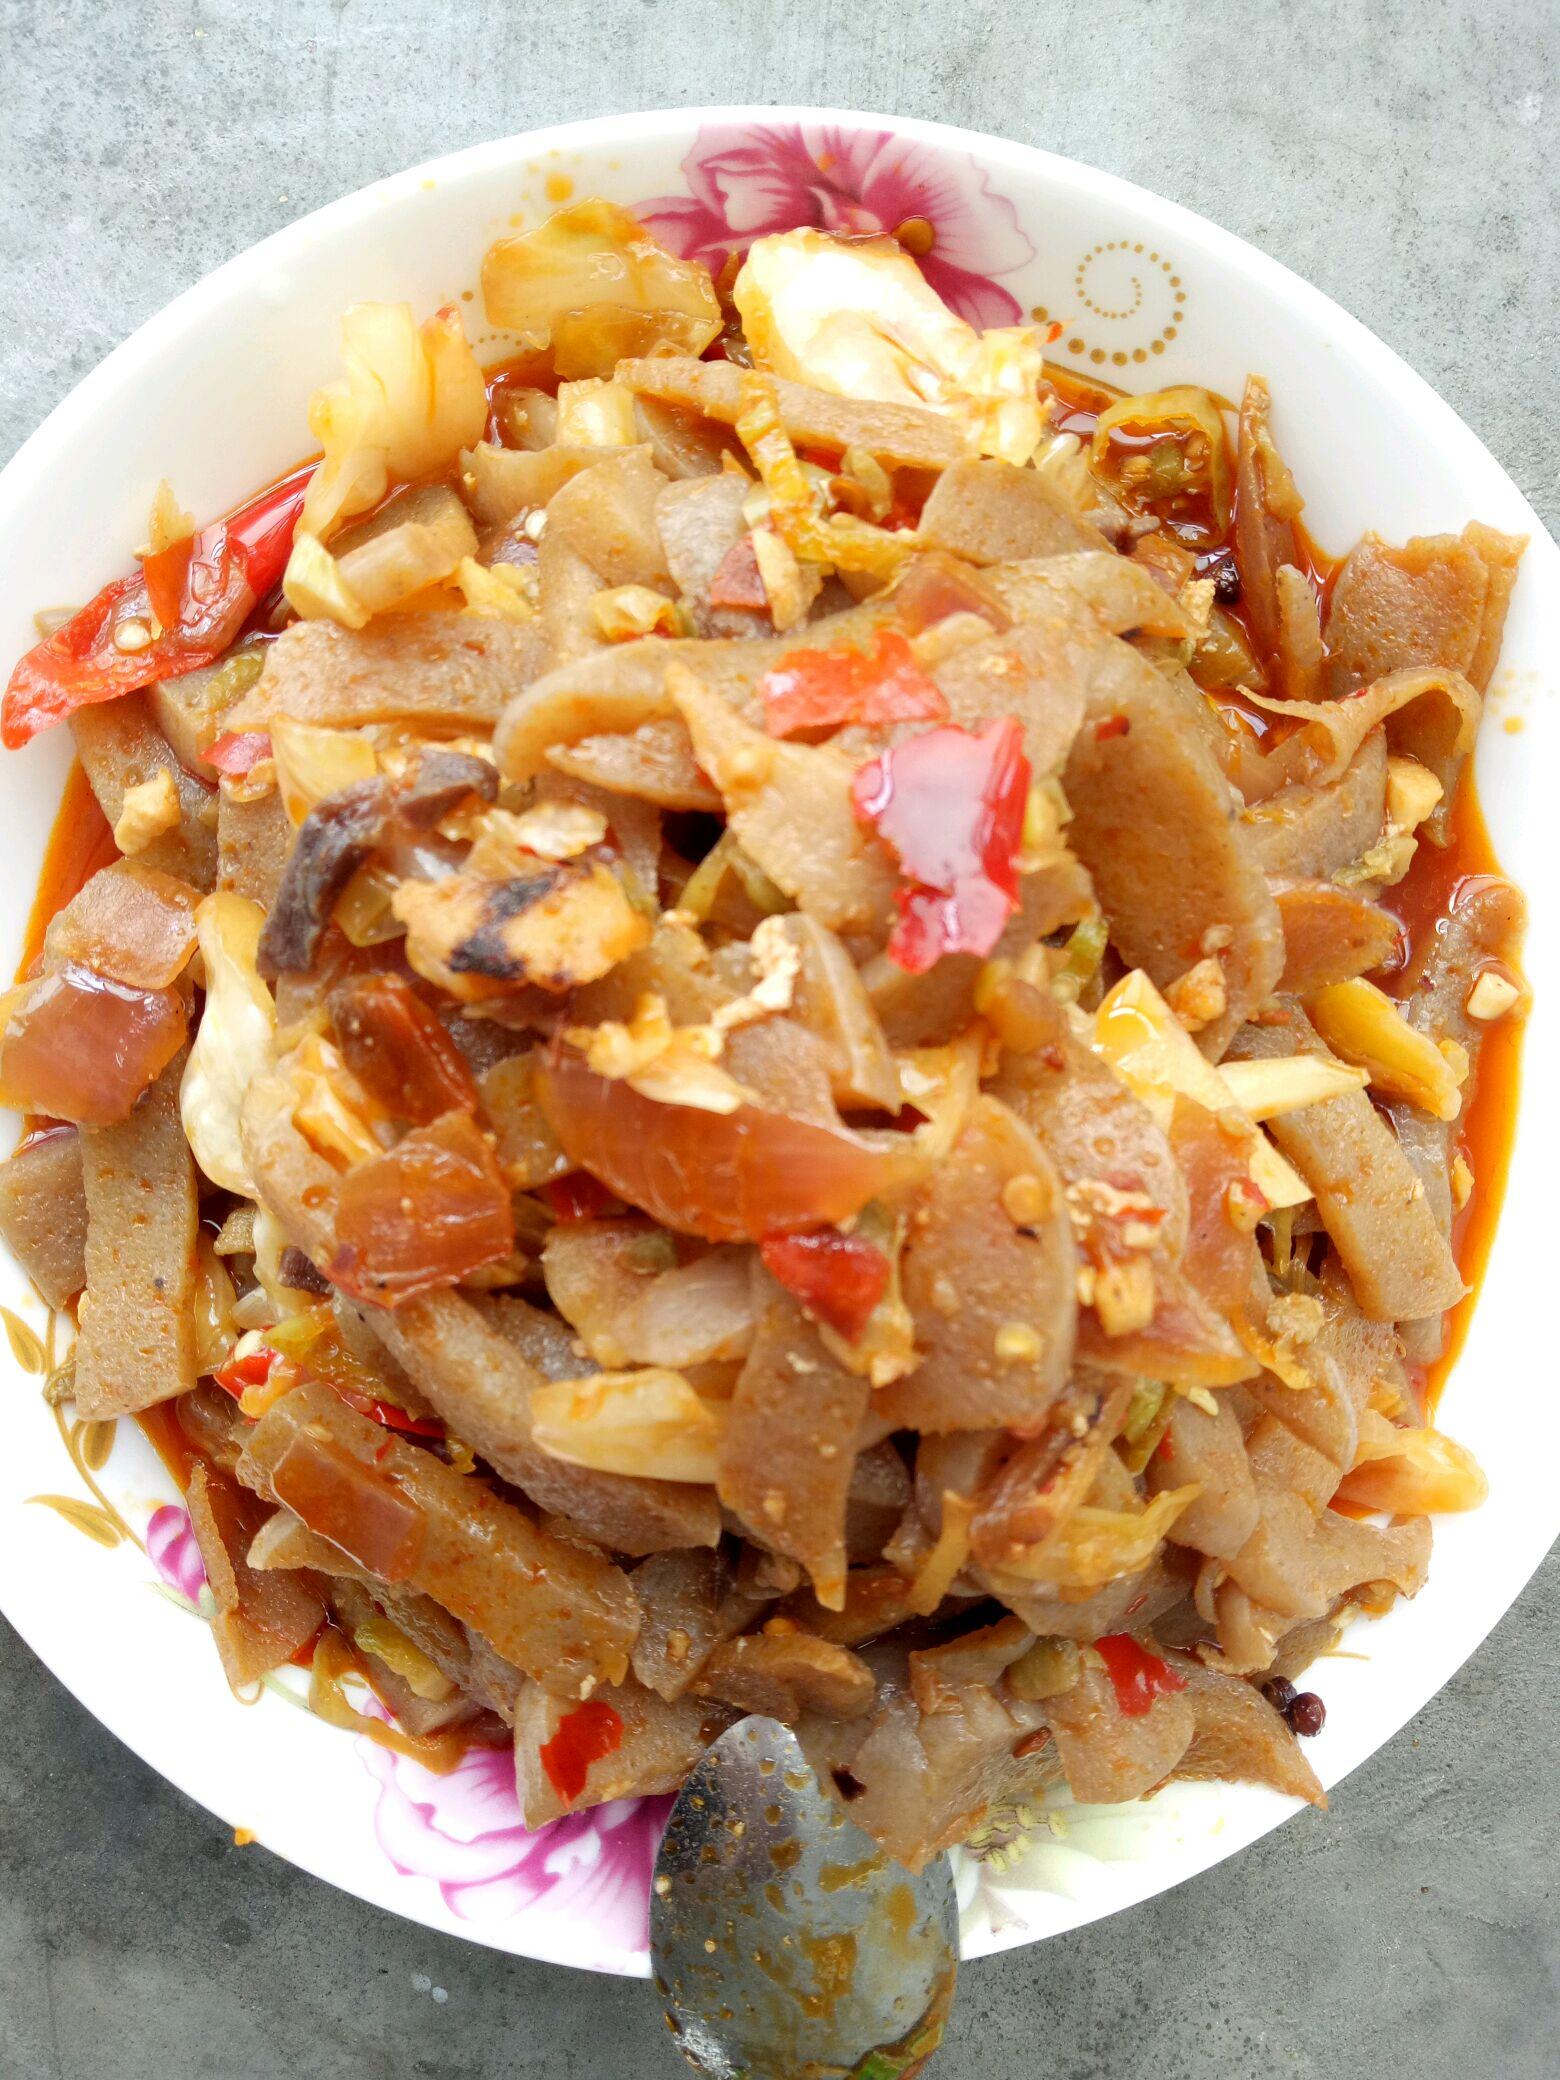 腌菜猪肉十斤腌魔芋多少盐图片